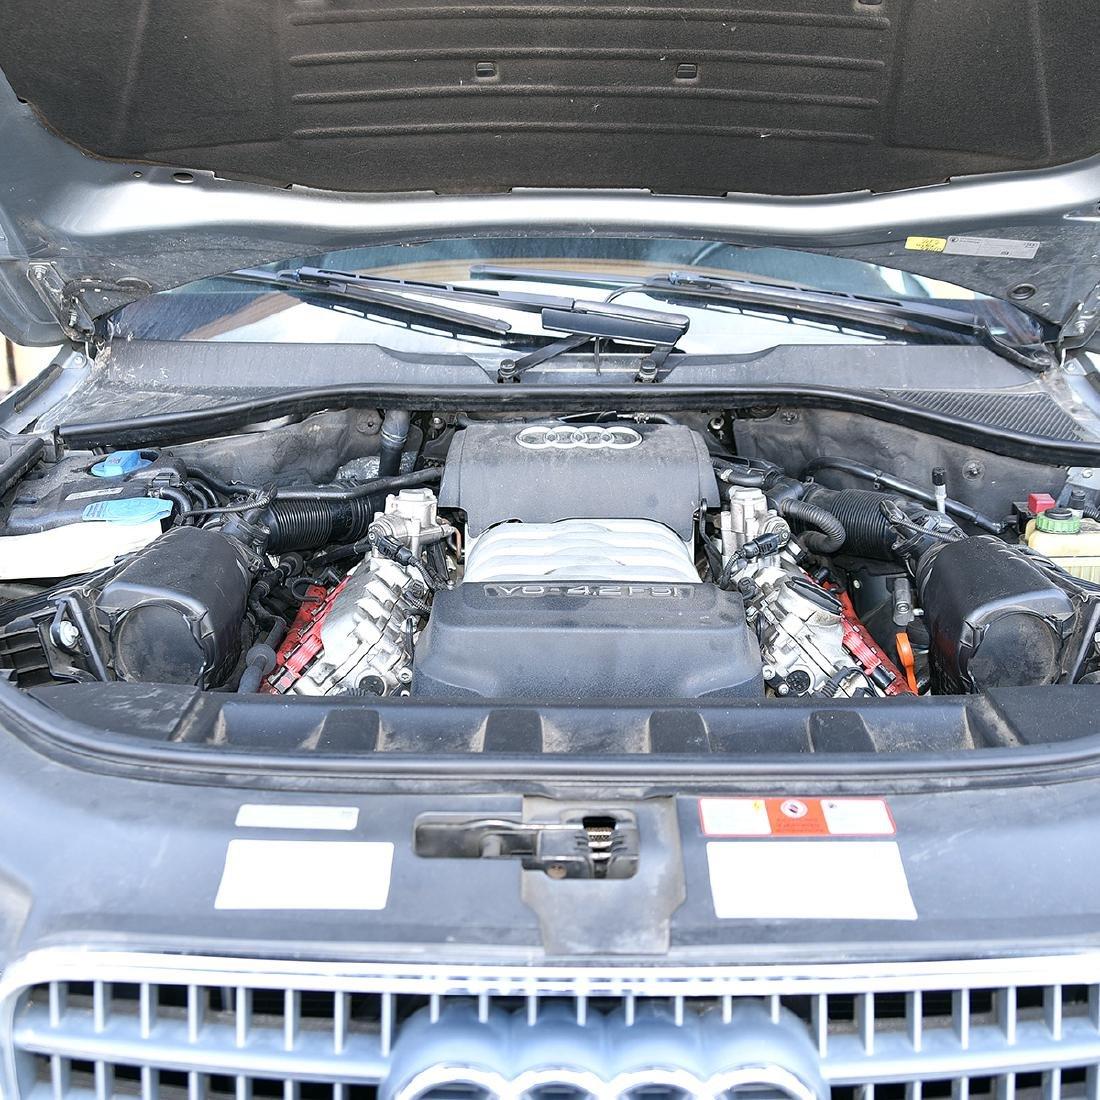 2007 Audi Q7 - 4